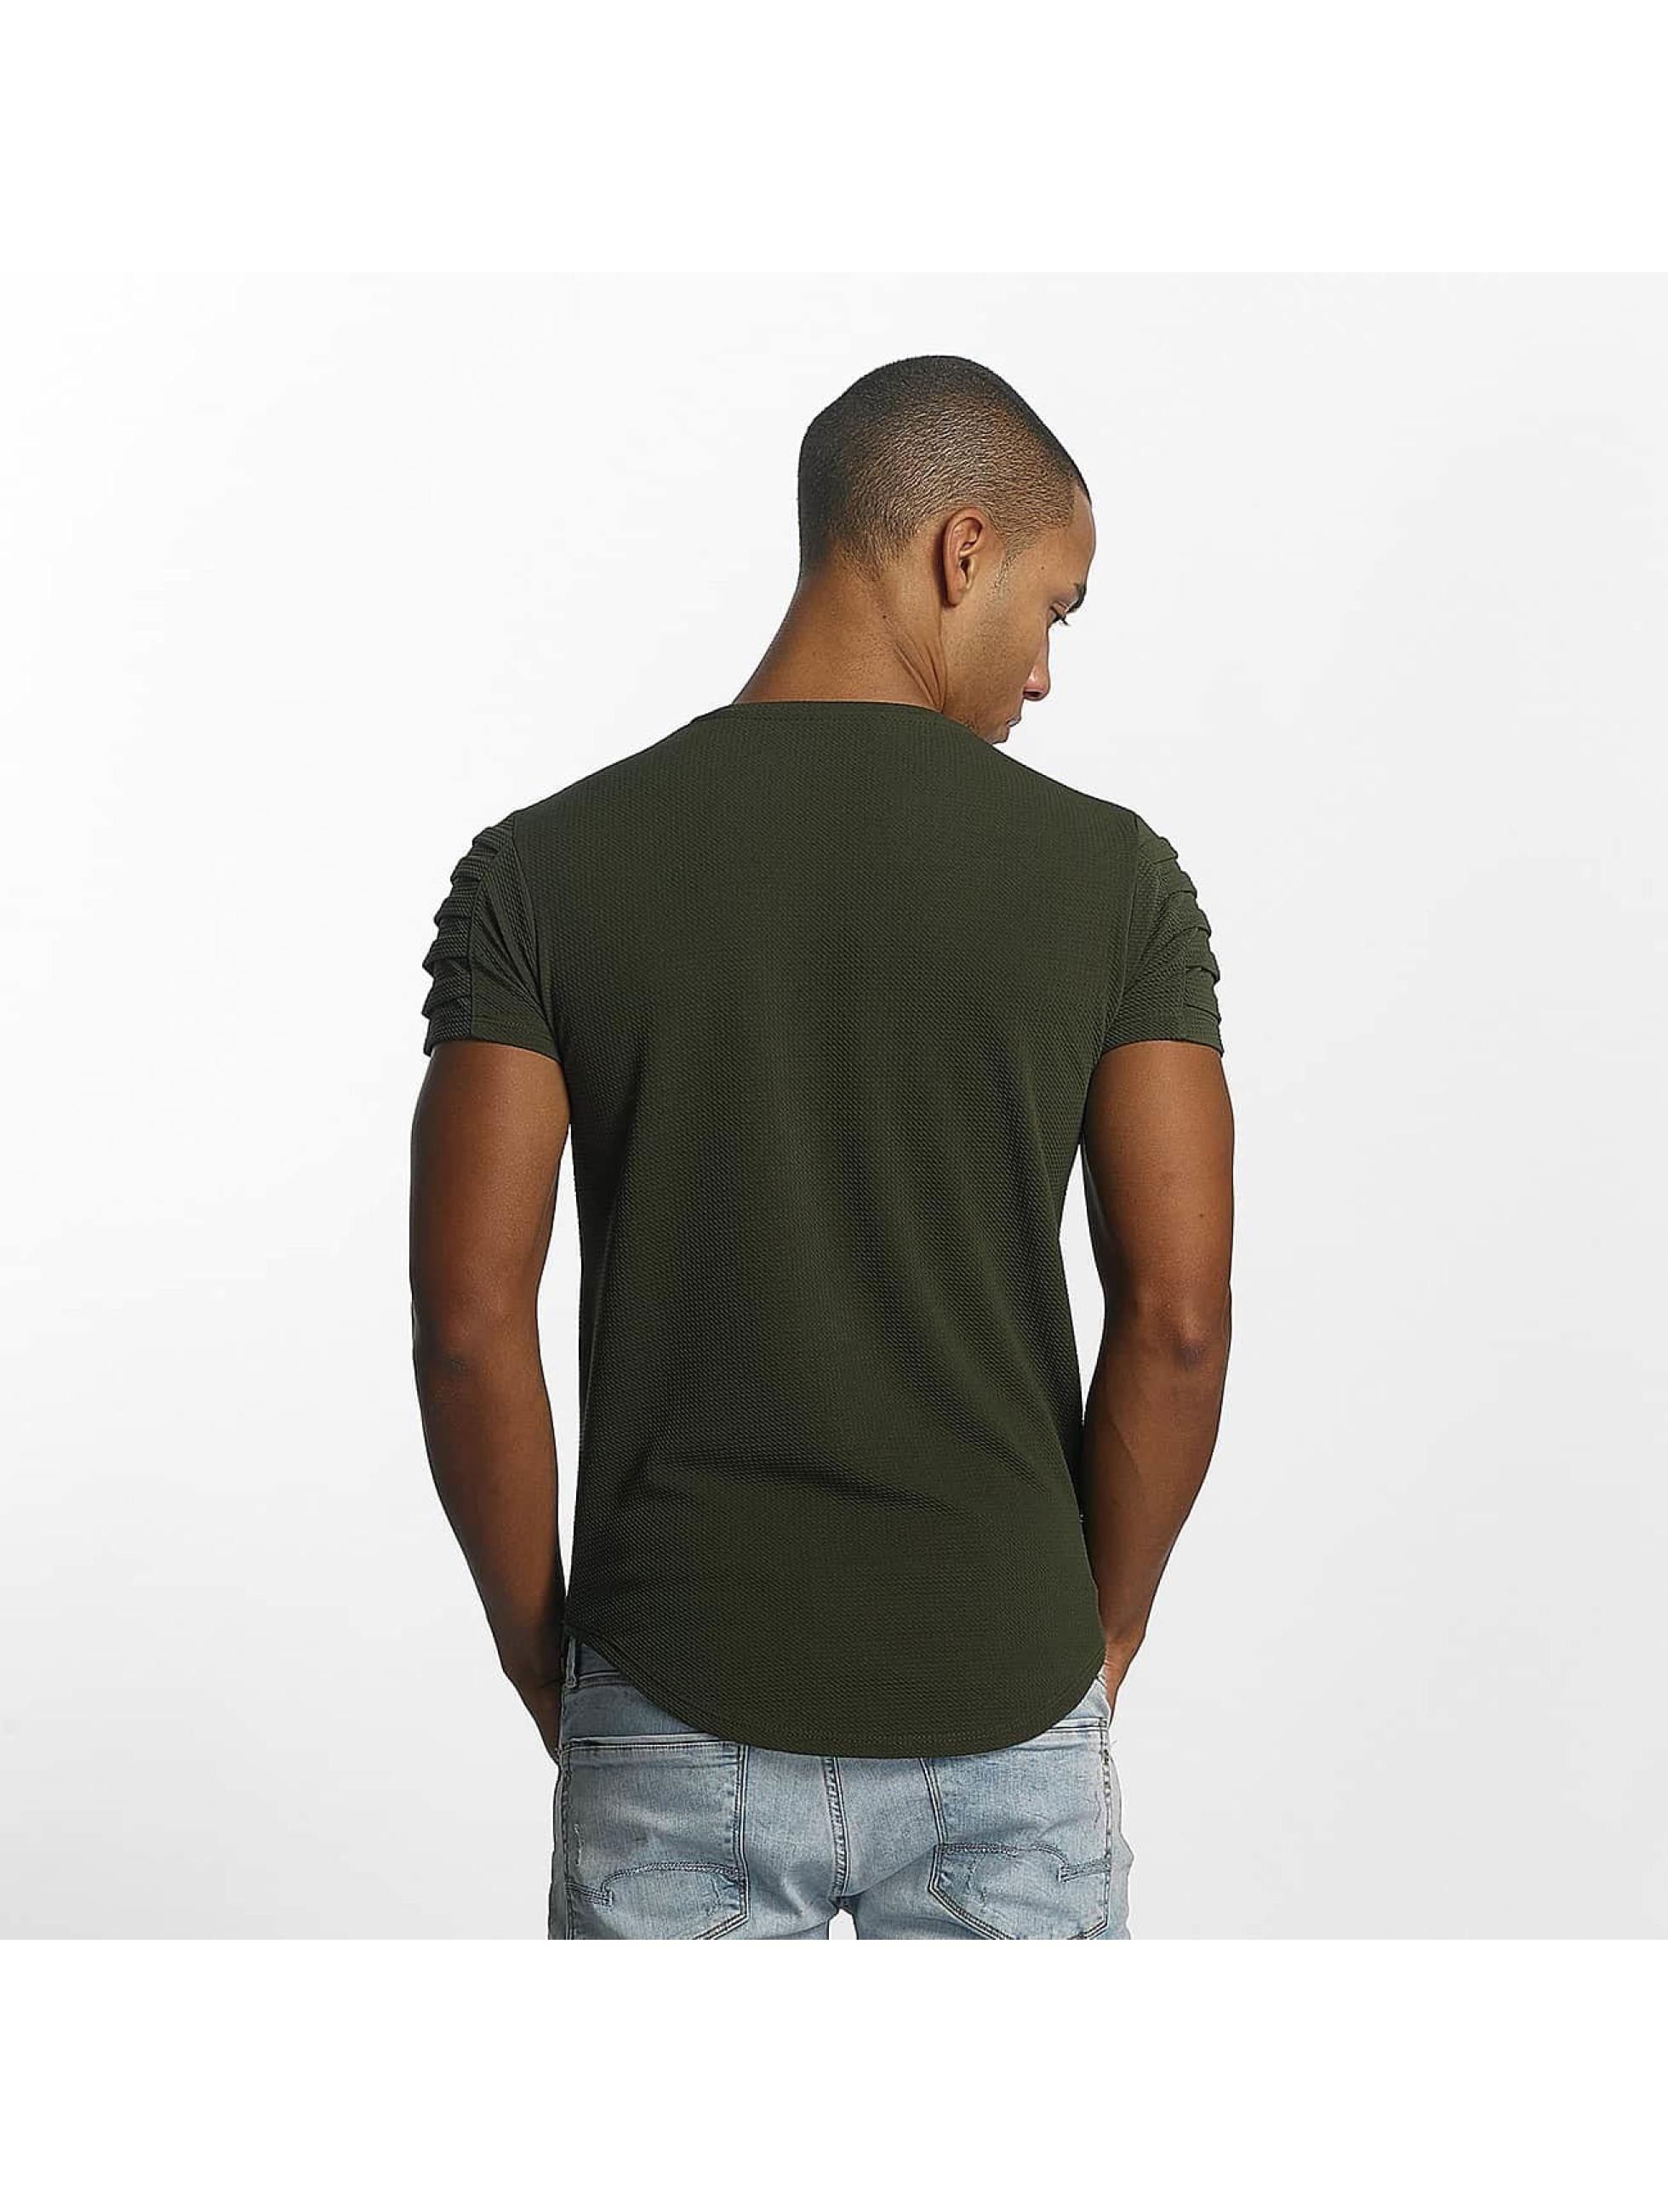 Uniplay Camiseta Embossed caqui